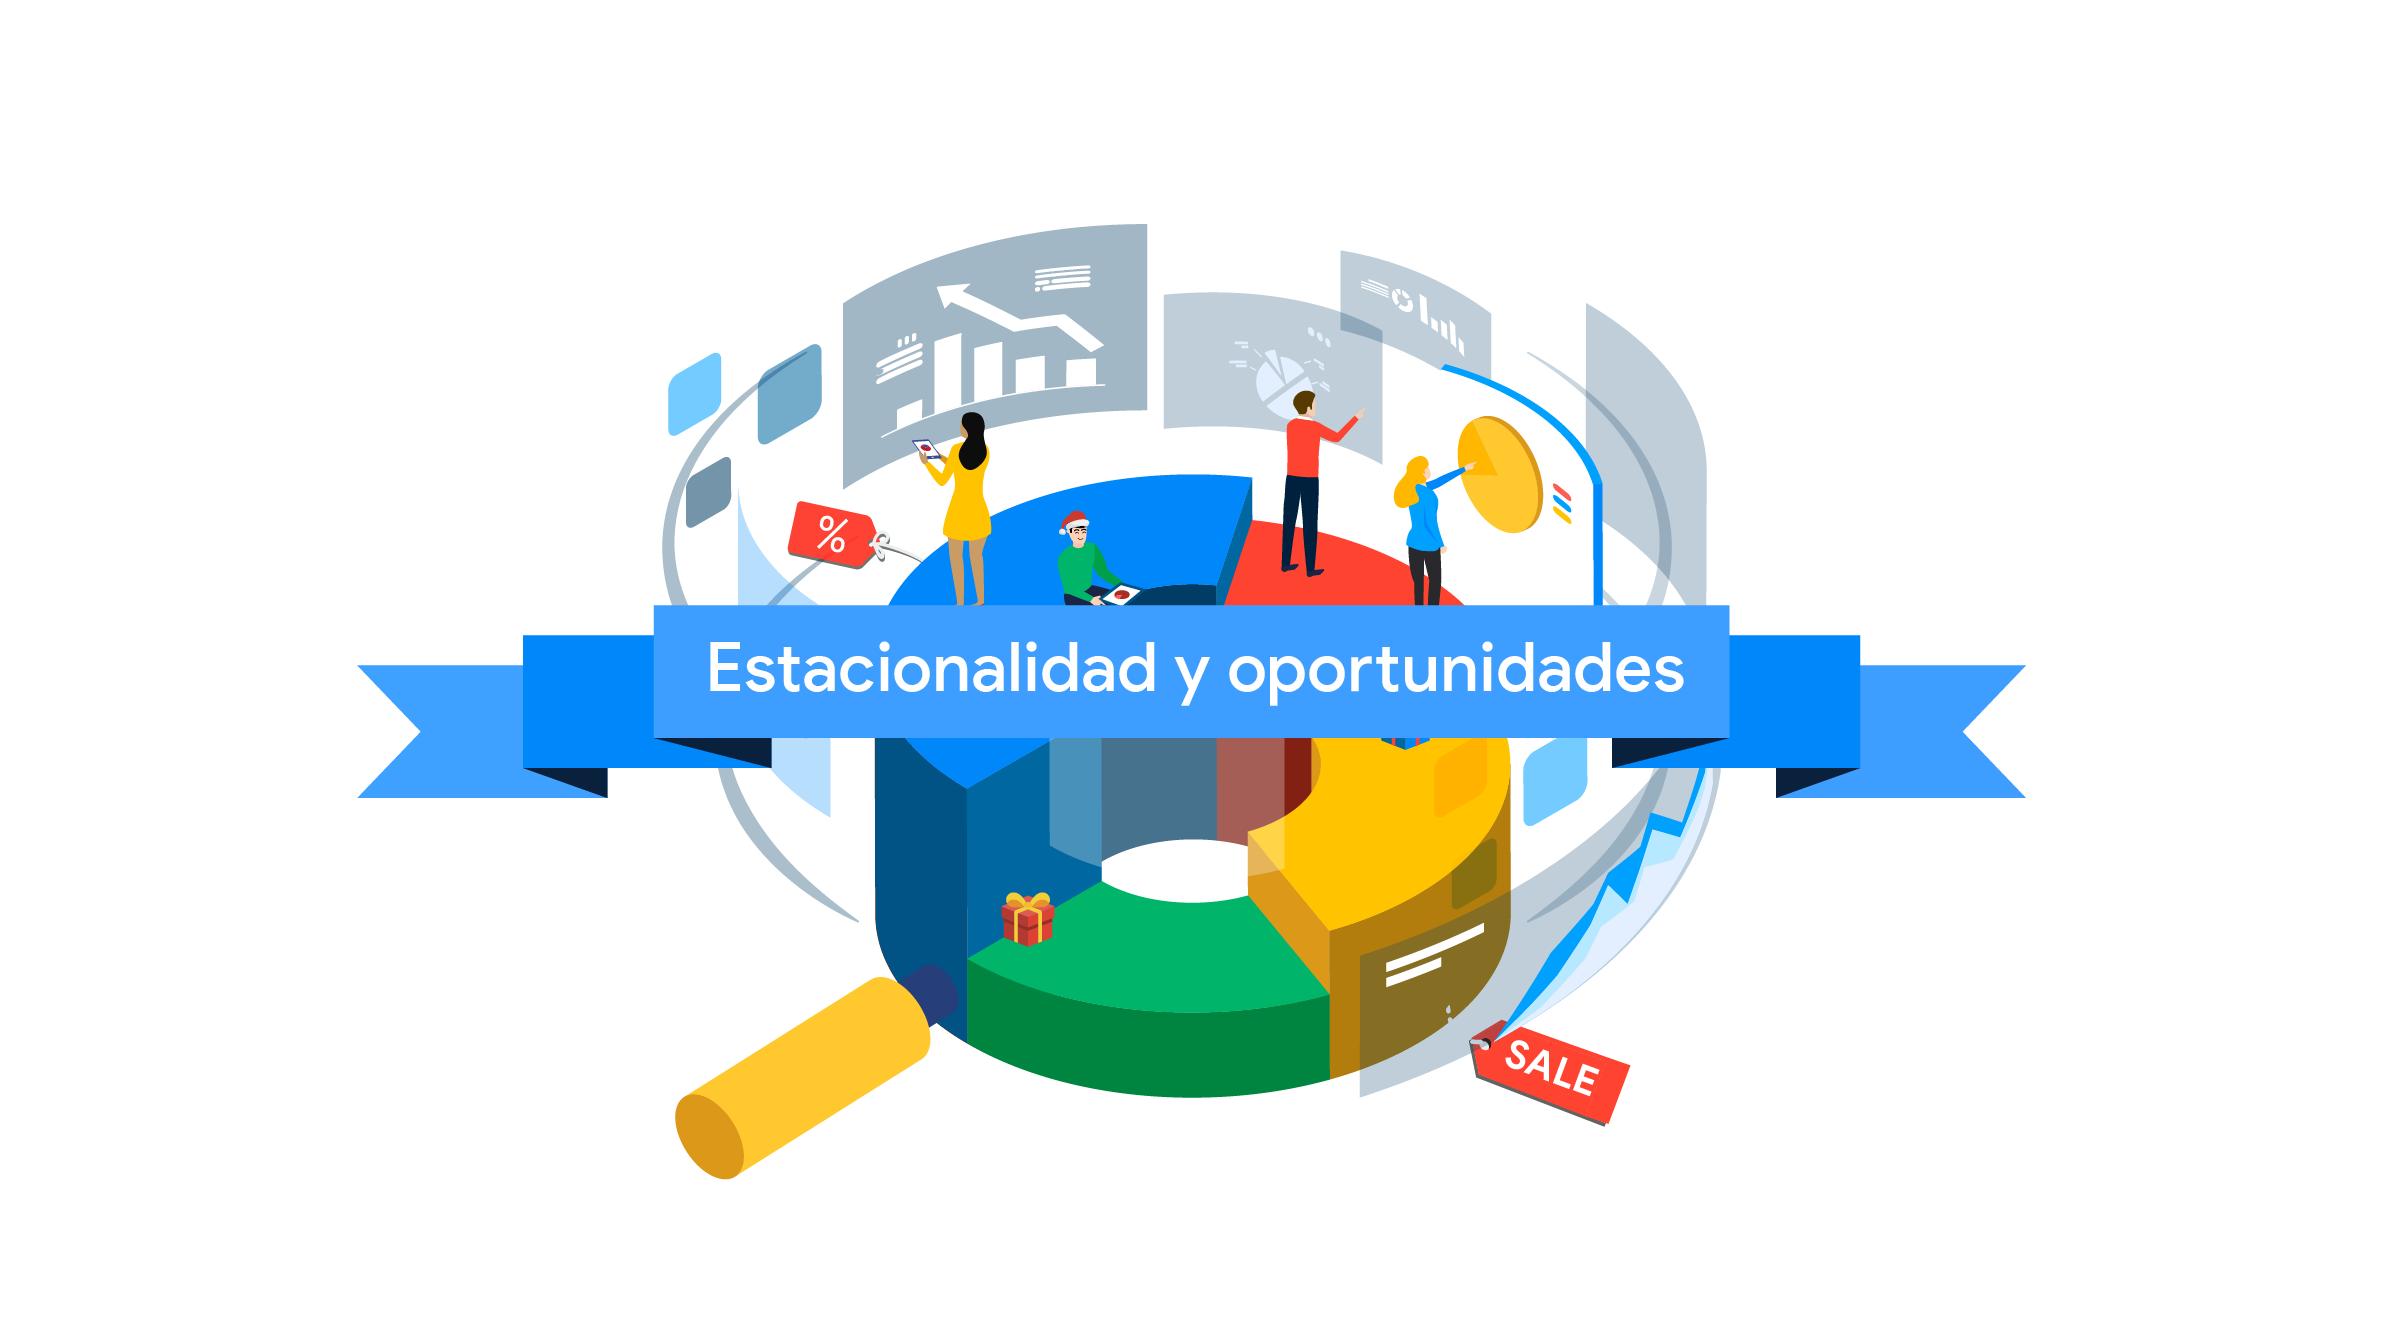 carrusel de personas sobre el logo de google, indicando interacción con pantallas